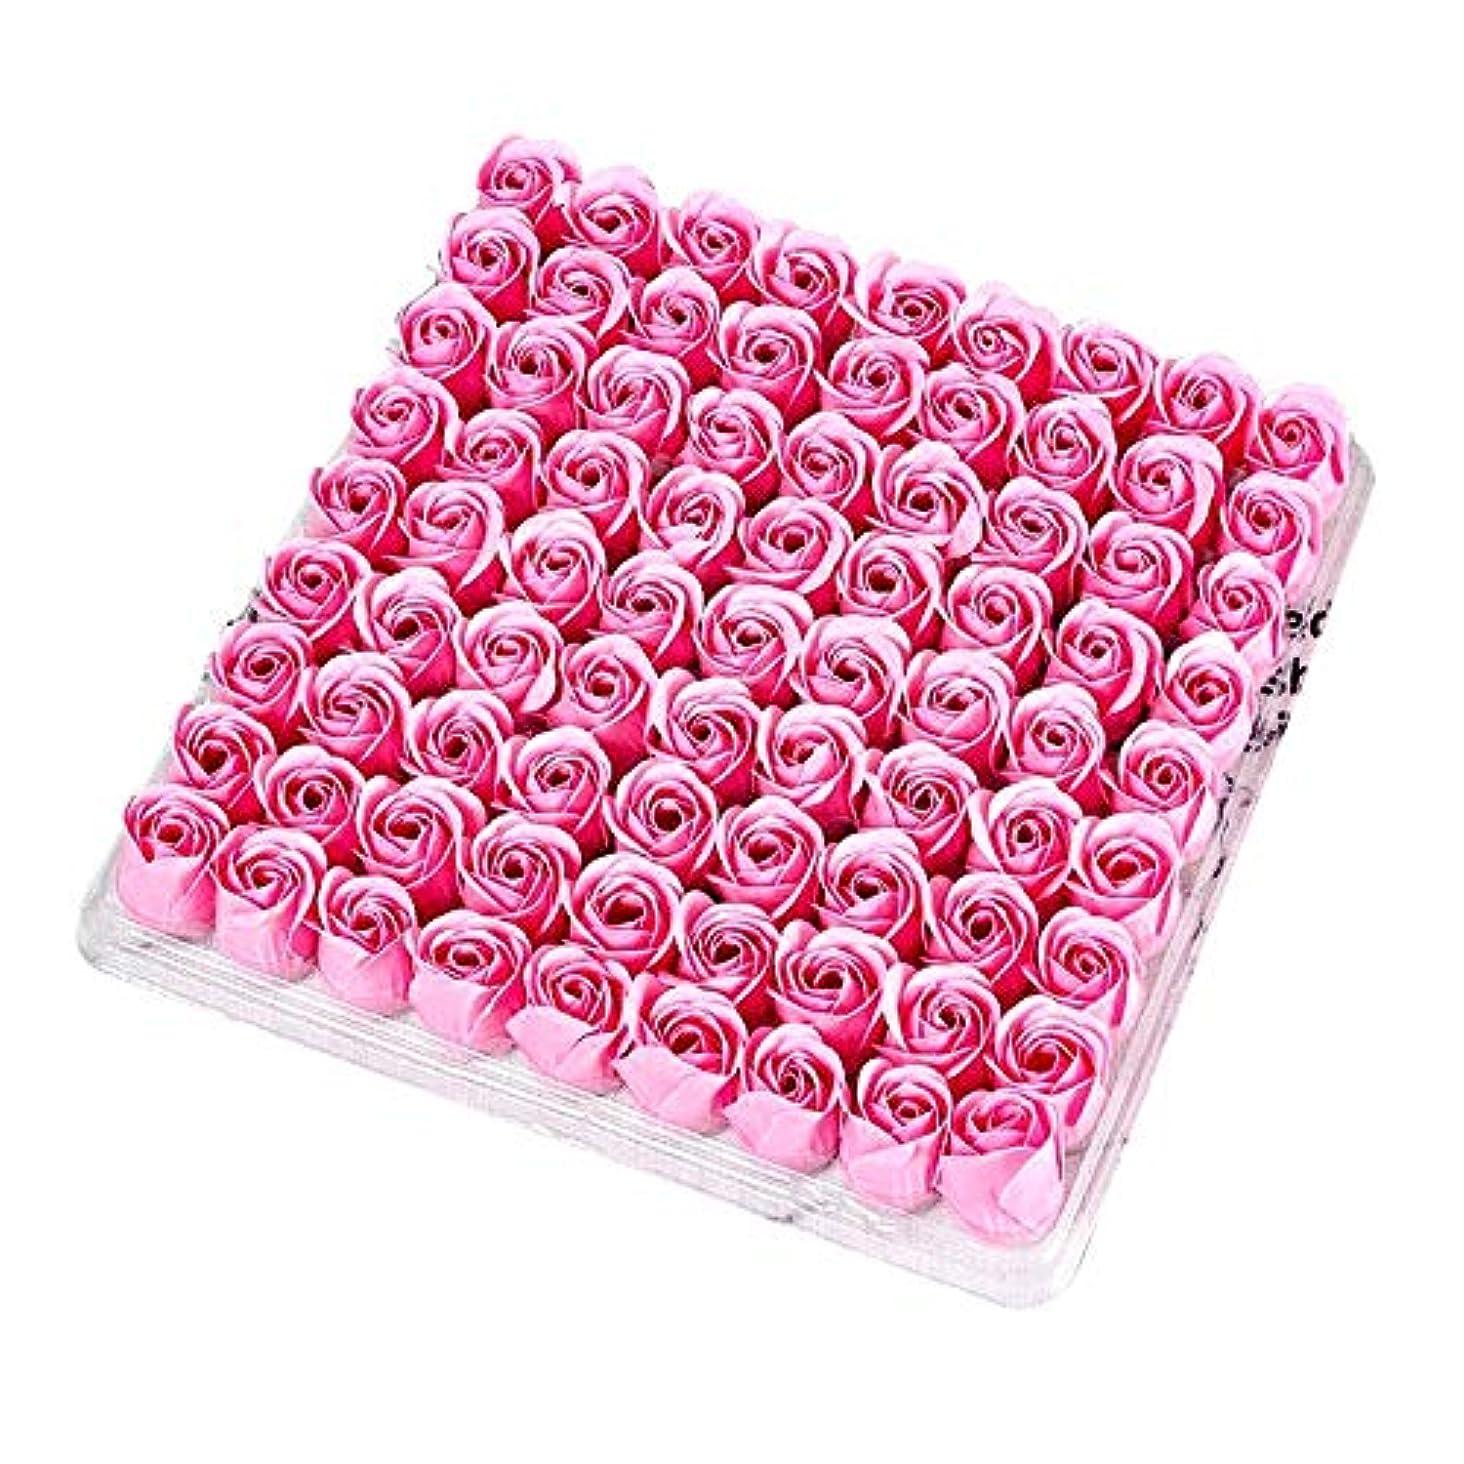 経歴キャプション全部TOOGOO 81個の薔薇、バス ボディ フラワー?フローラルの石けん 香りのよいローズフラワー エッセンシャルオイル フローラルのお客様への石鹸 ウェディング、パーティー、バレンタインデーの贈り物、ピンク